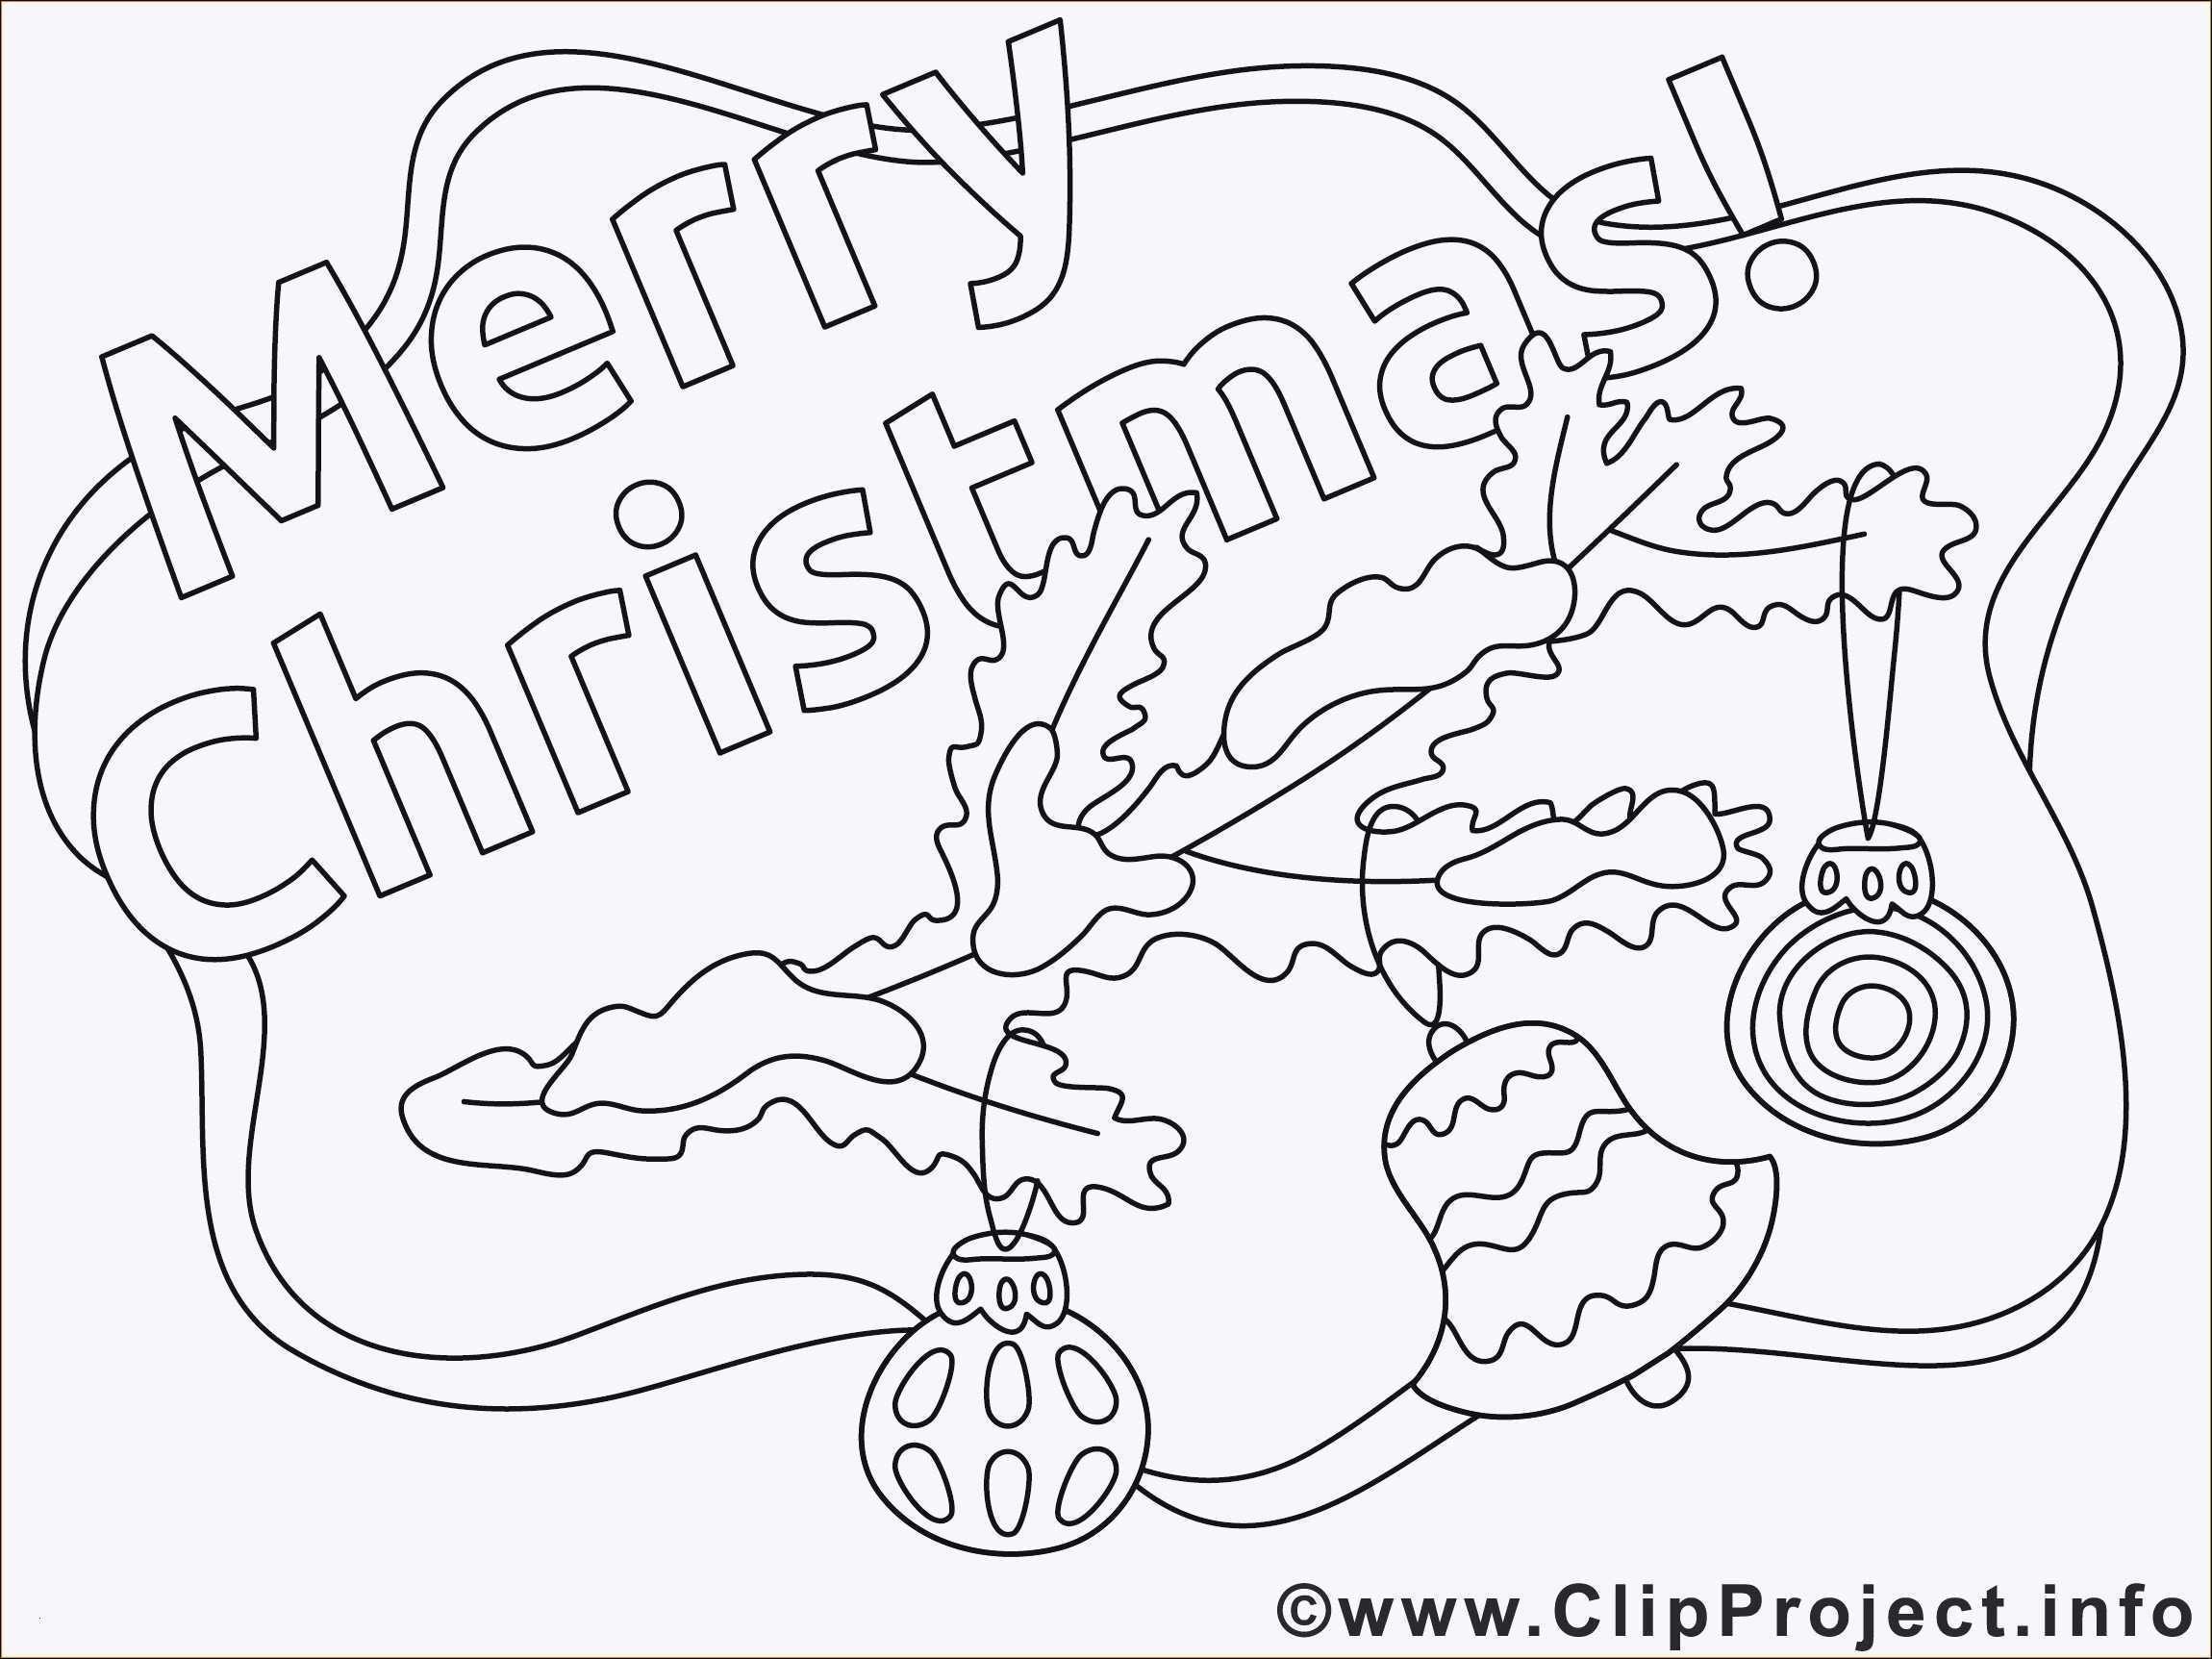 Ausmalbilder Emily Erdbeer Frisch Hello Kitty Zeichnen Bild Feuerwehrauto Zum Ausmalen – Ausmalbilder Bilder